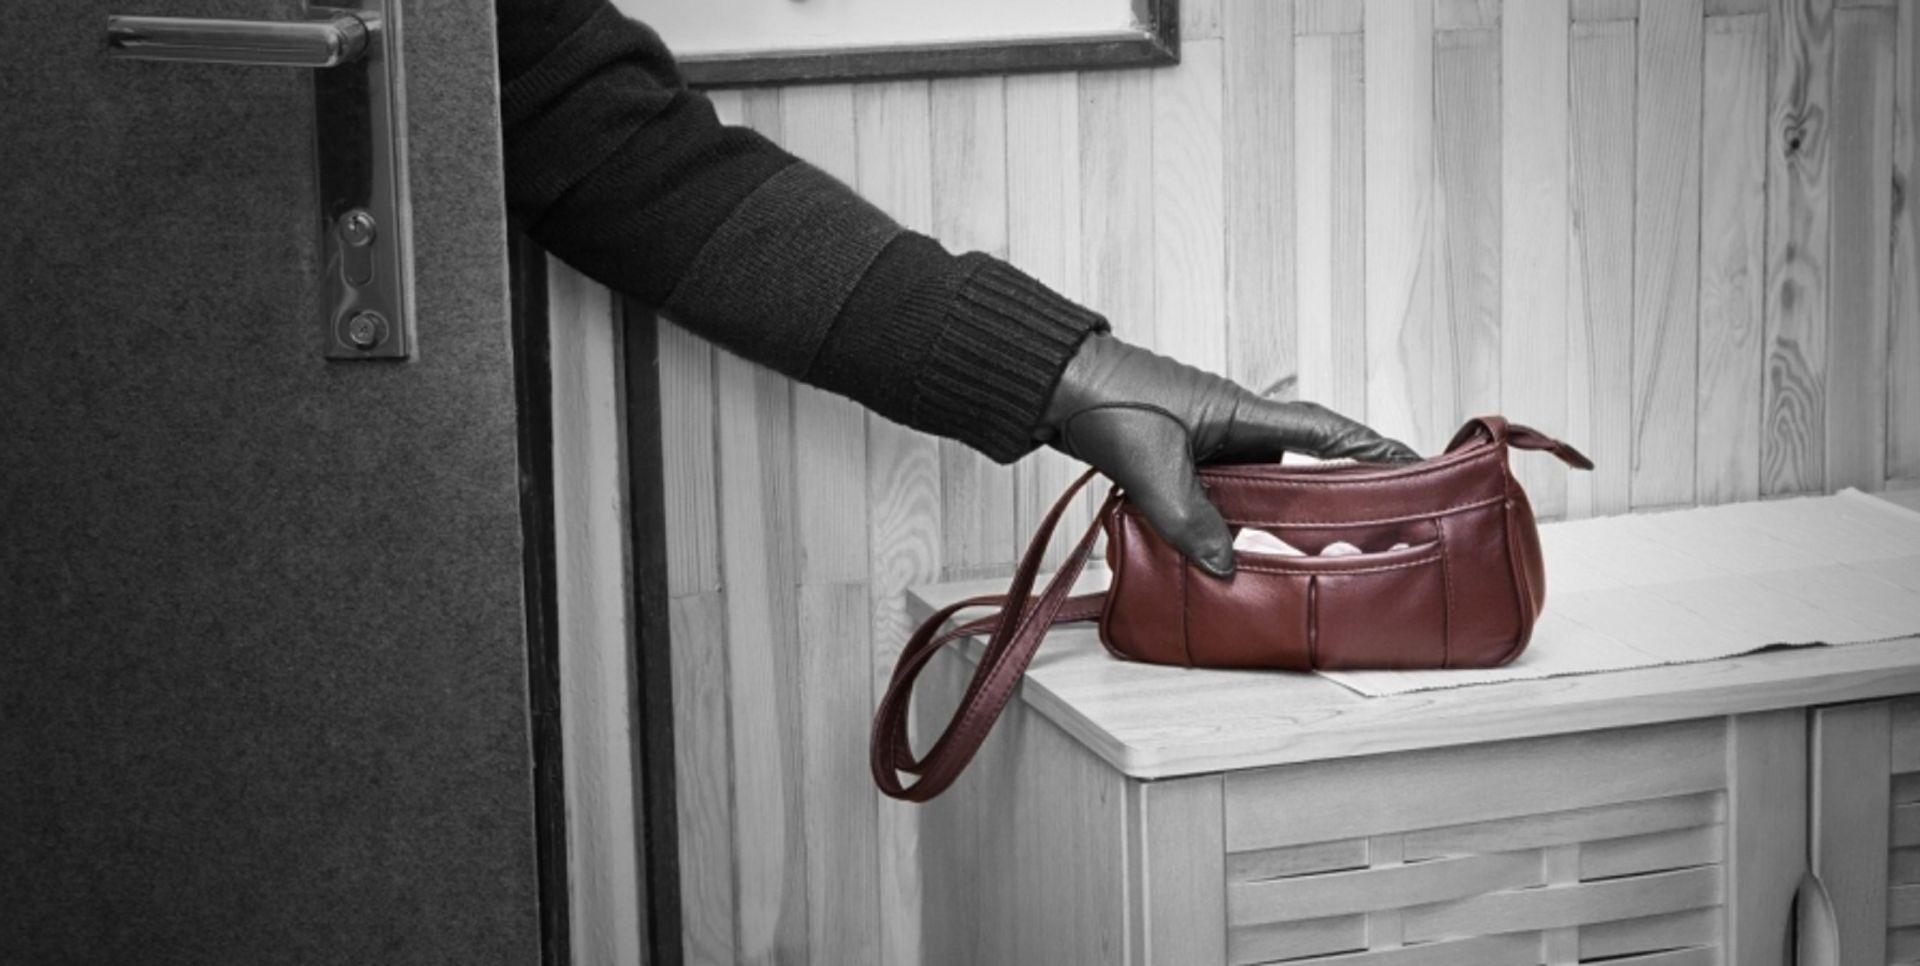 В Ставропольском крае грабитель вырвал у женщины сумку, телефон и сбежал